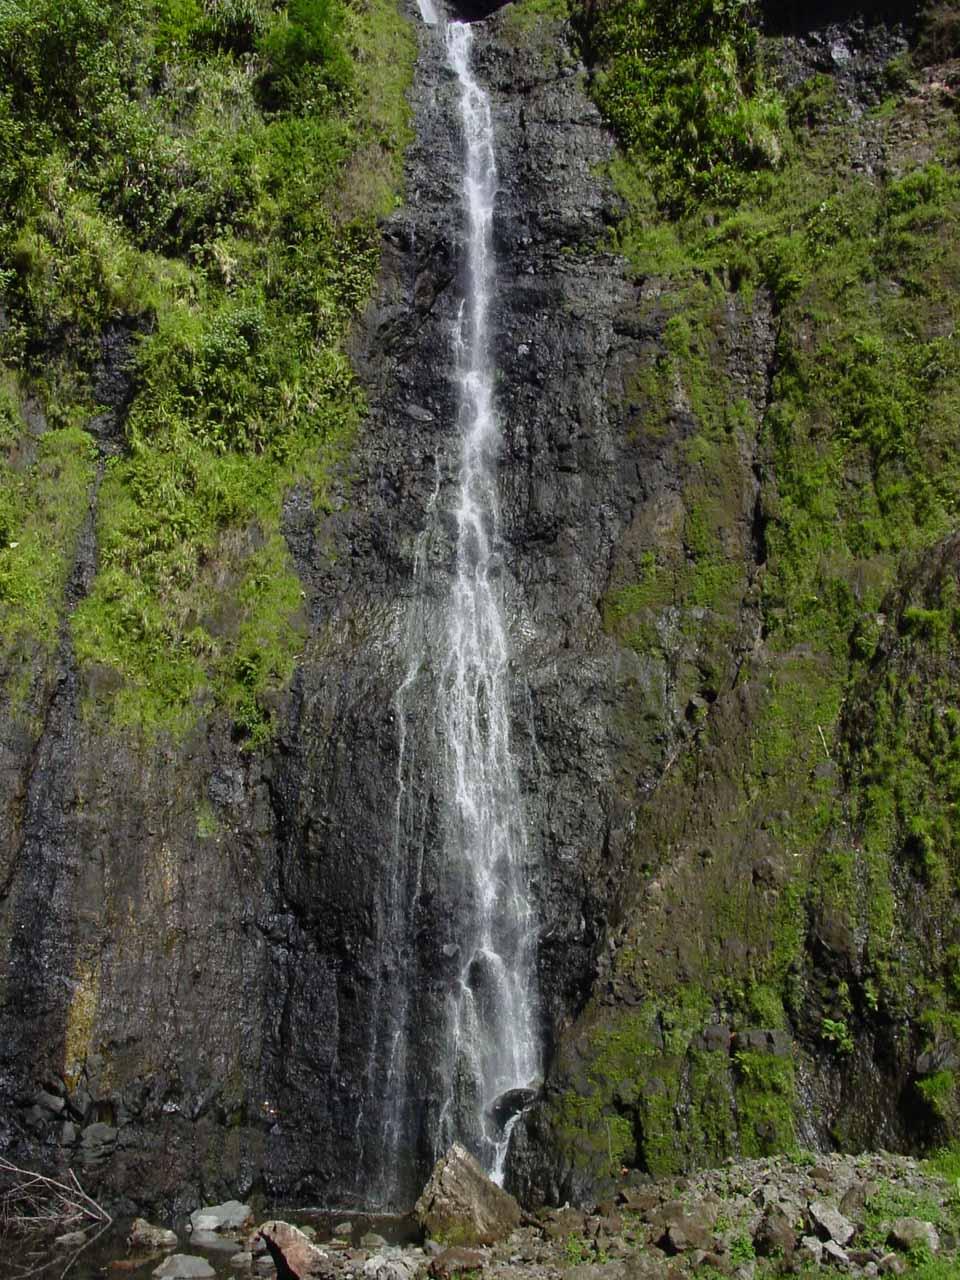 At the base of Vaimahutu Falls in September 2002